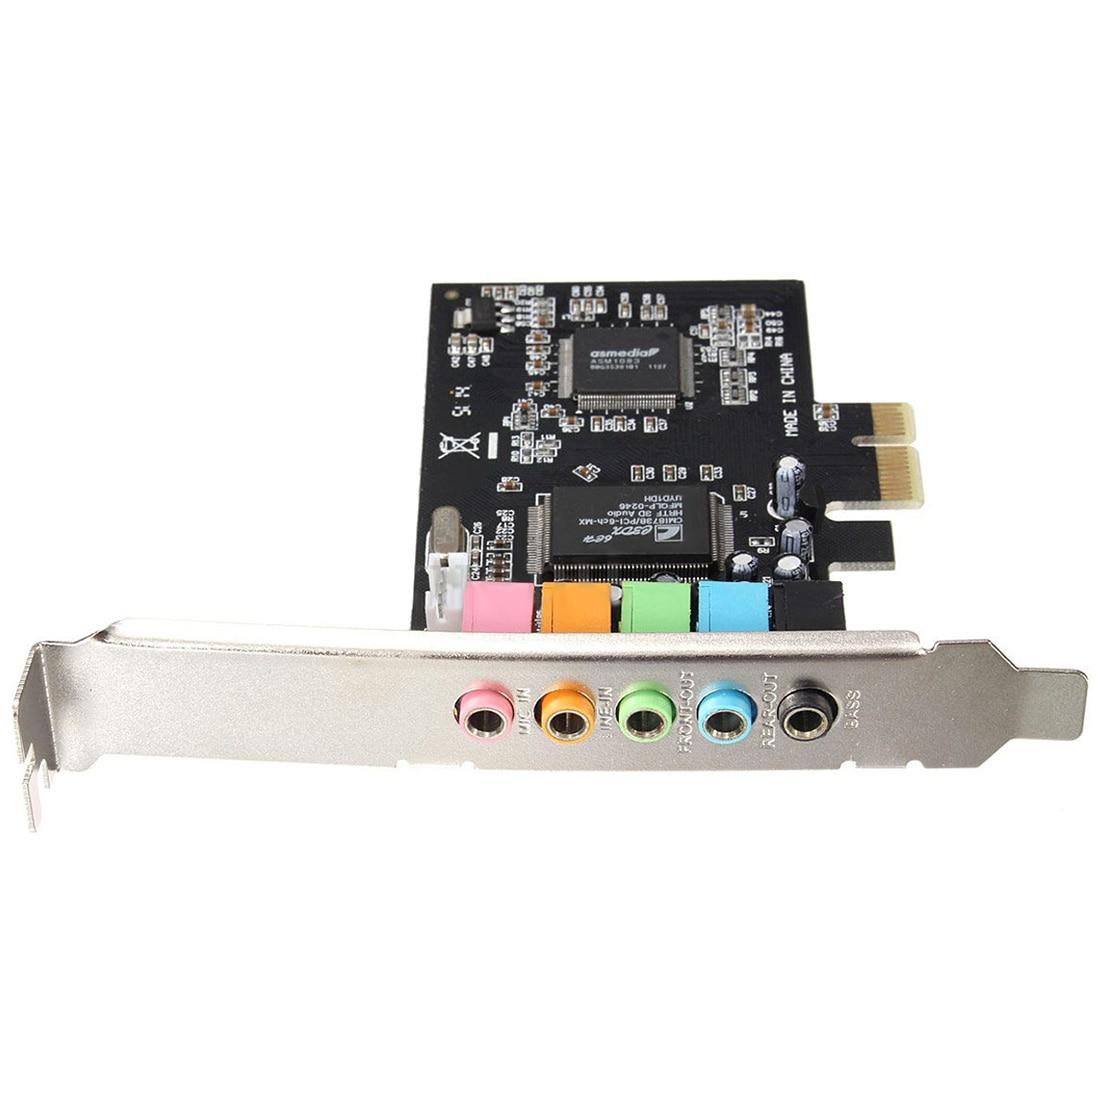 Pci-e 5.1 sonido 6 tarjeta de sonido Puerto CMI8738 cine estéreo tarjeta de sonido envolvente